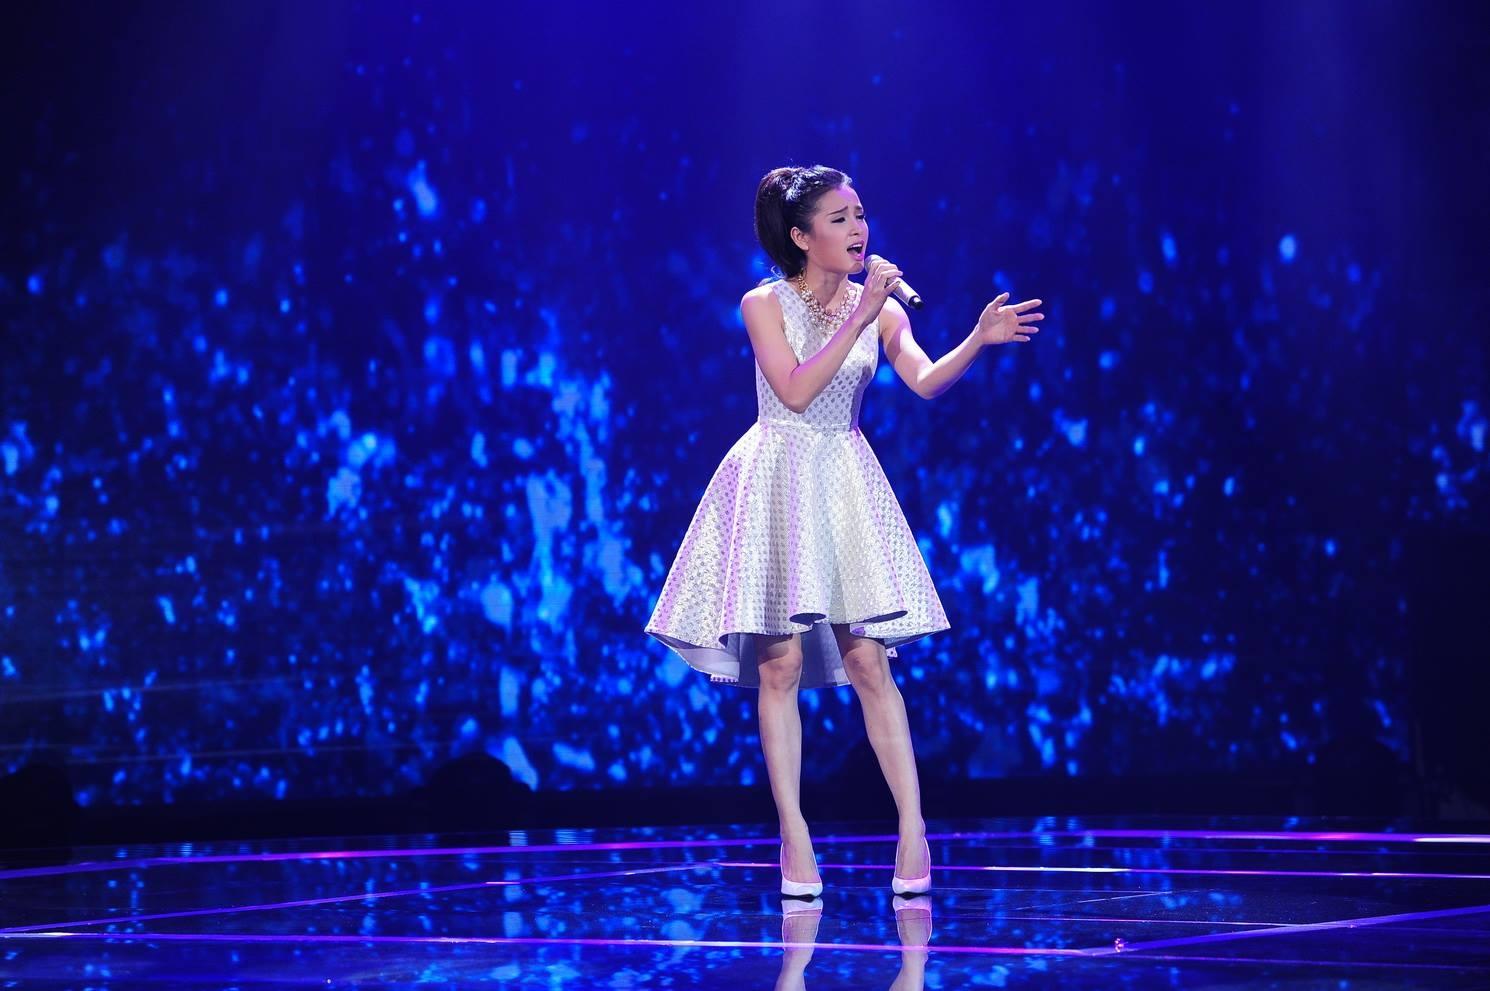 Là người mở màn của đêm thi, phần thể hiện khá cảm xúc ca khúc Vết mưa đã giúp cho Phương Trinh nhận được số điểm 90 từ phía 101 vị giám khảo.